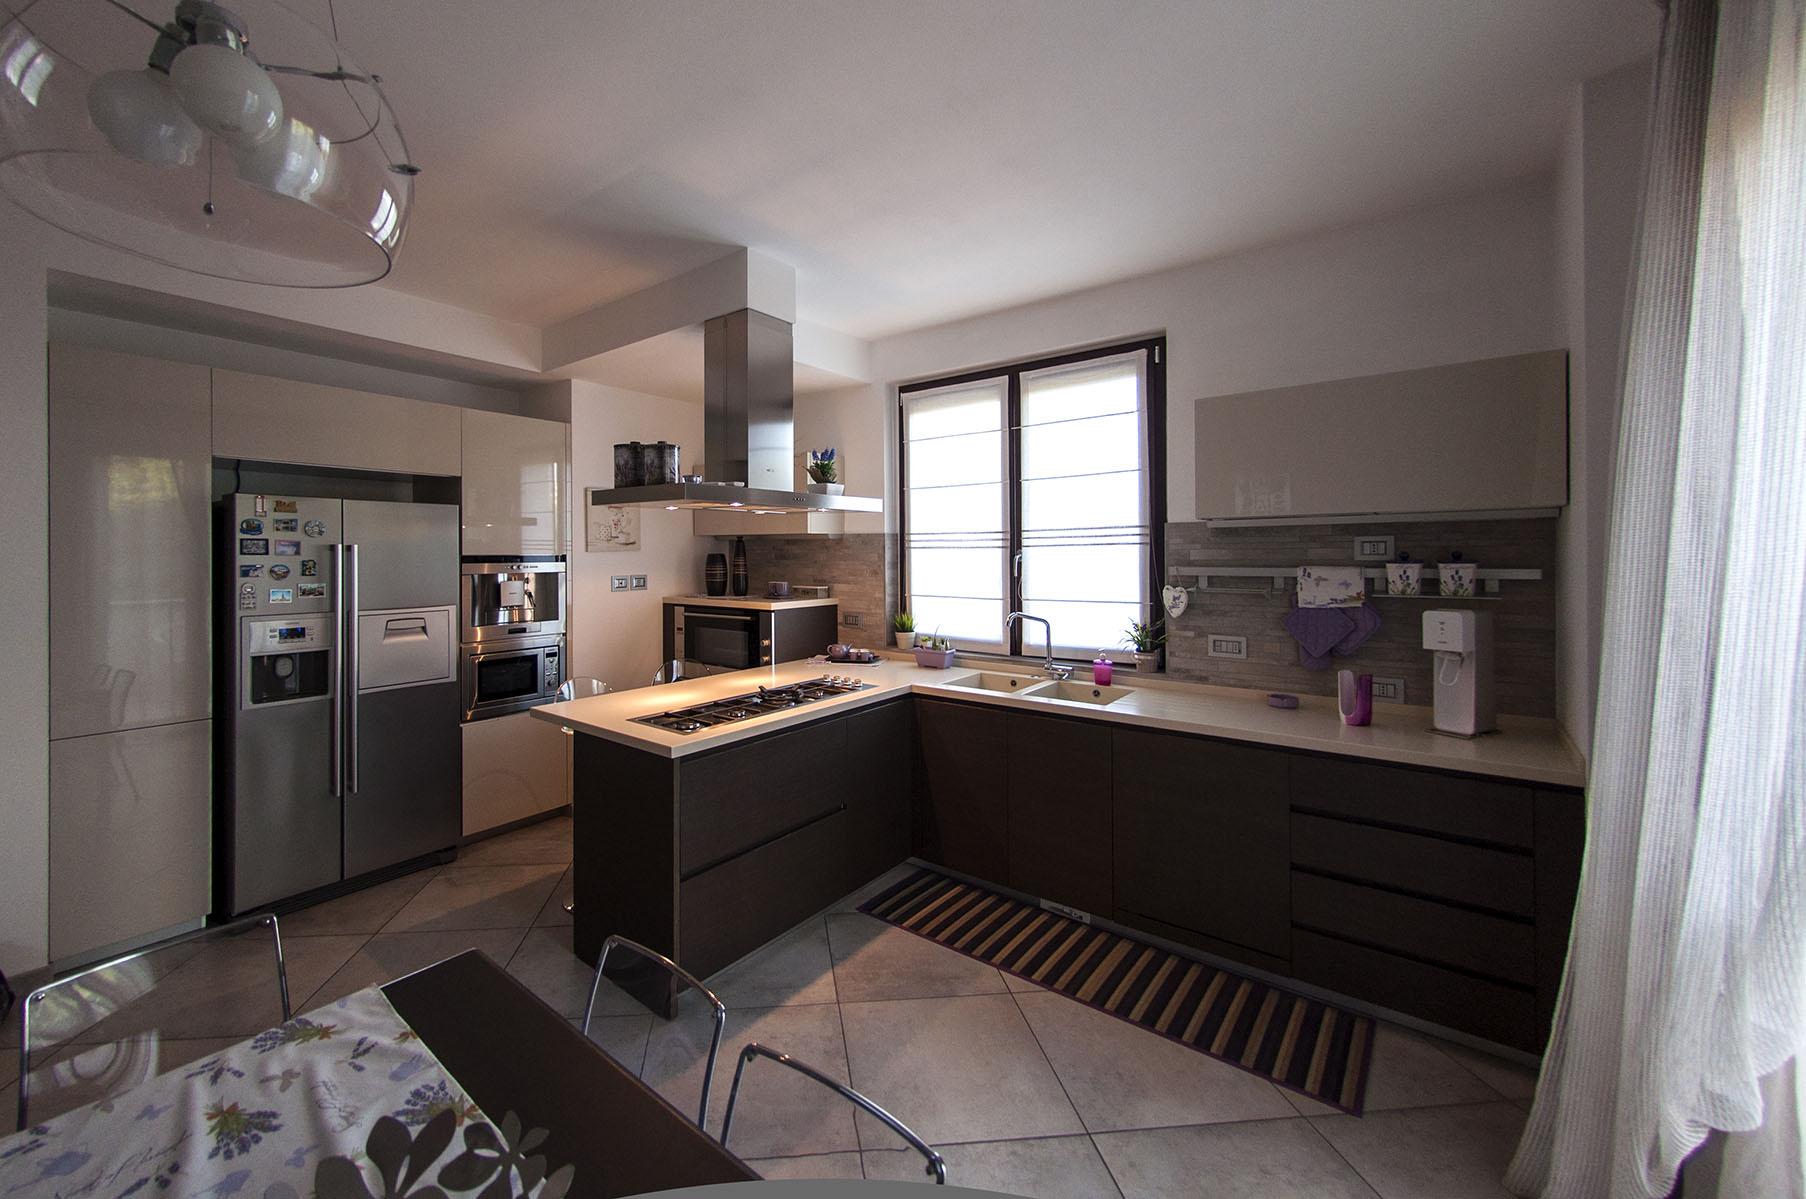 Appartamento forma e contrasti_10L.jpg